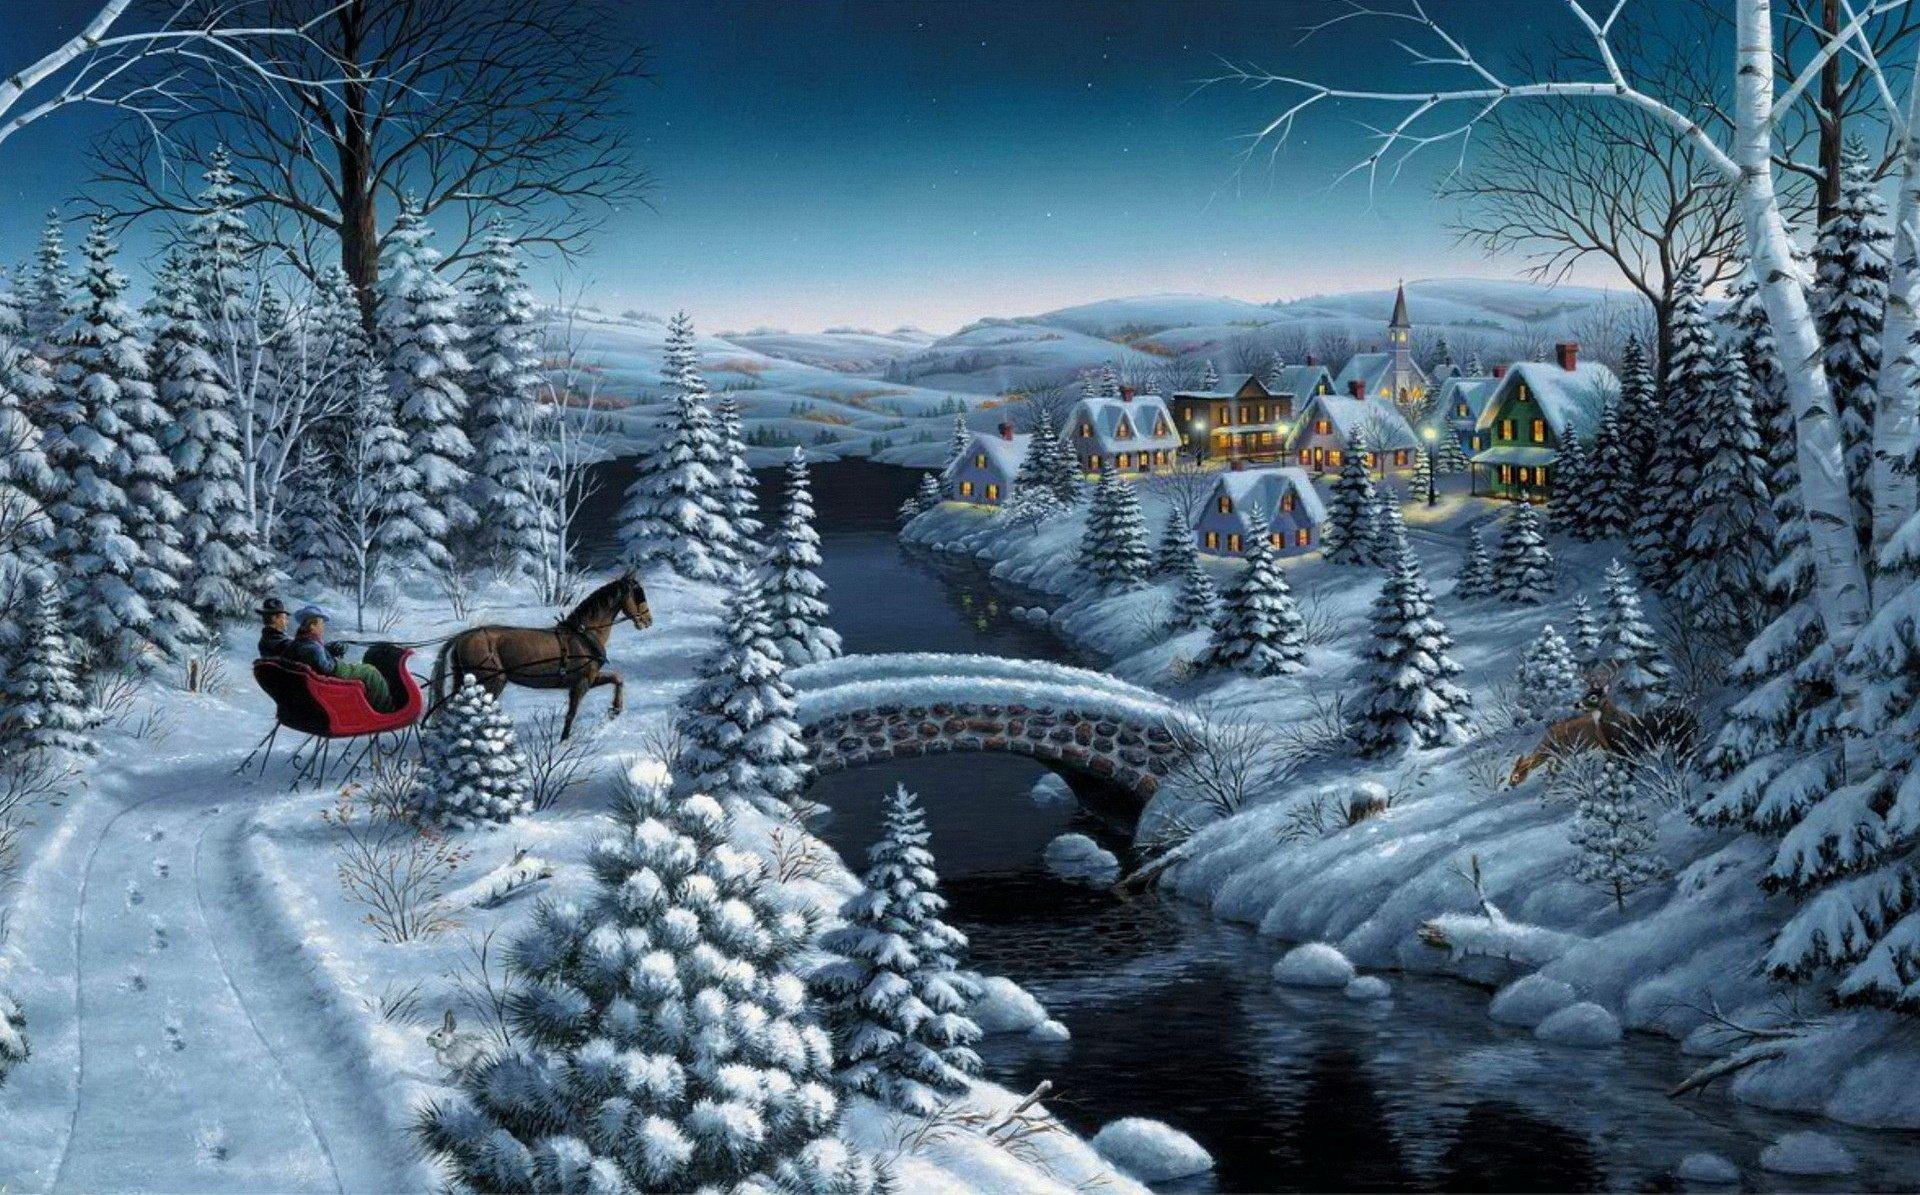 艺术 - 冬季  壁纸